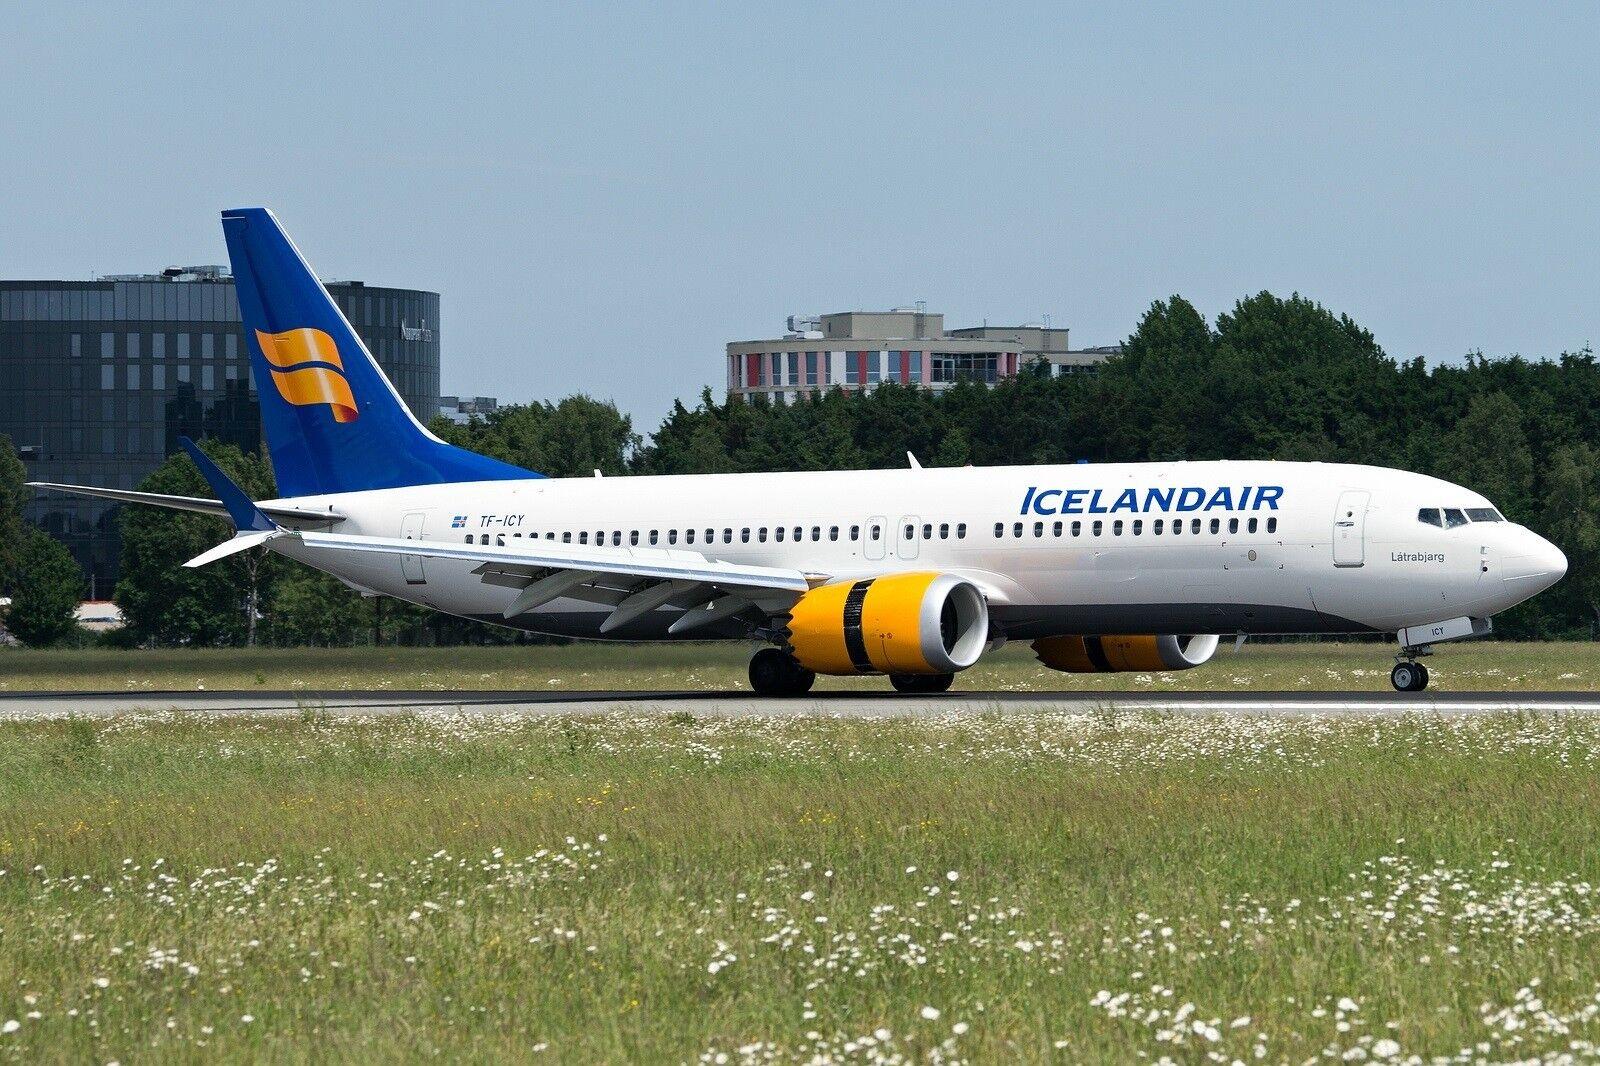 Fliegender 200 If738maxfi001 1 200 Icelandair Boeing 737-8 Max